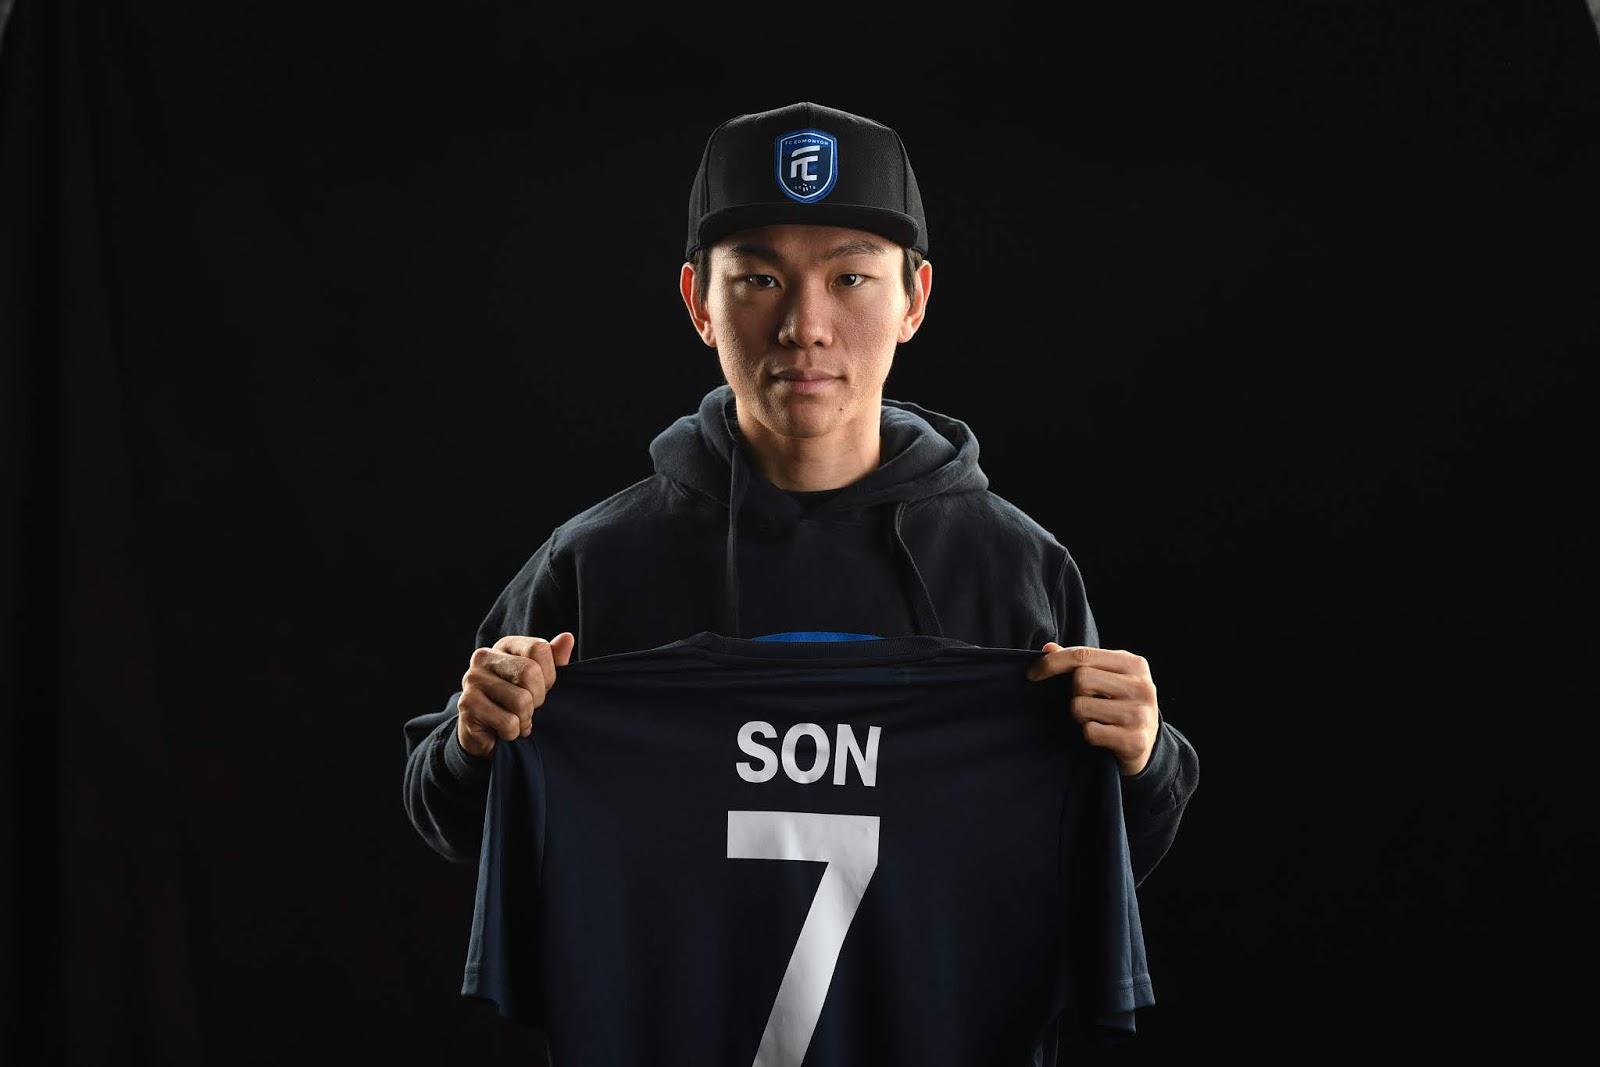 Edmonton FC Son Yongchan